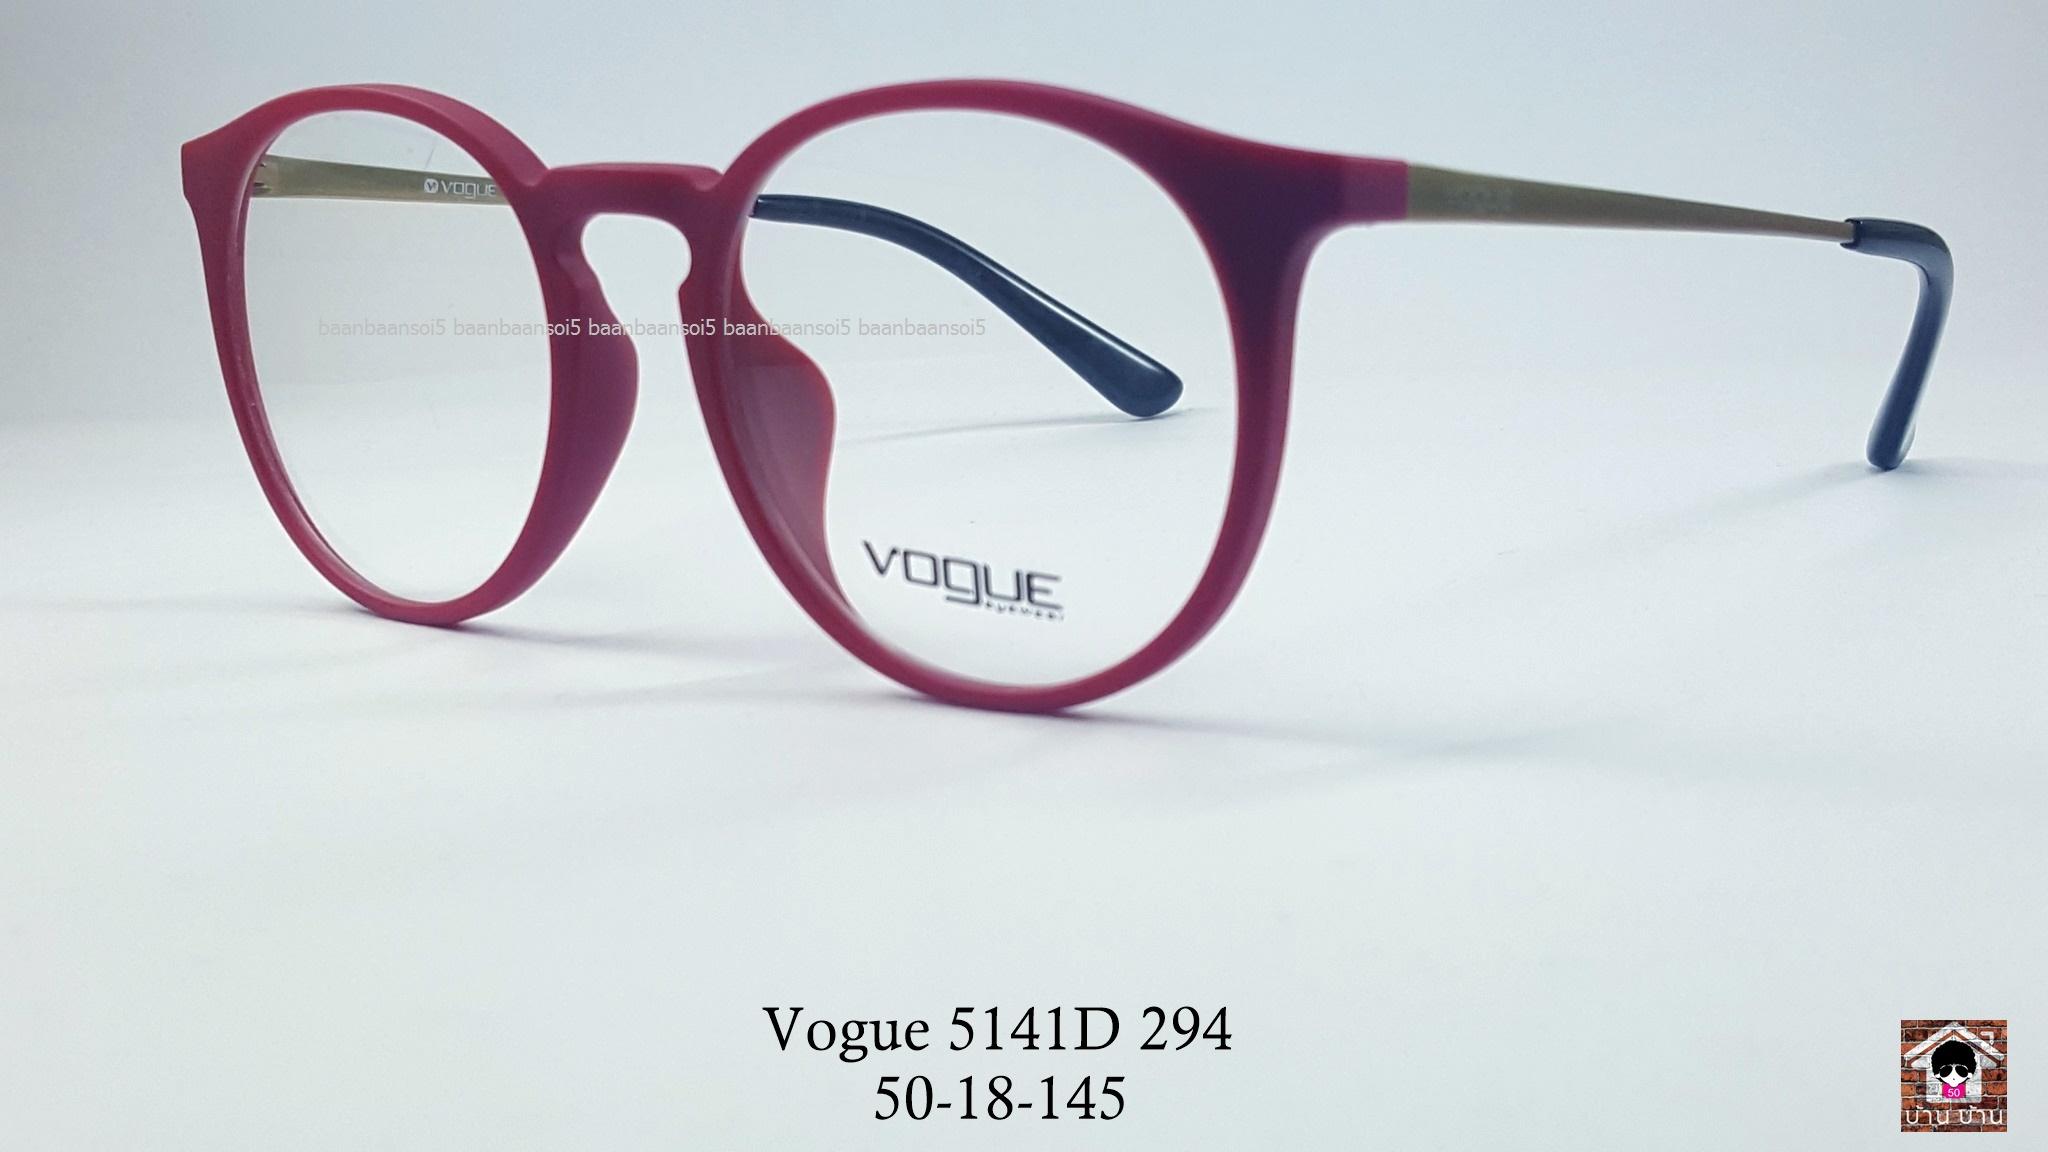 Vogue vo 5141D 2294 โปรโมชั่น กรอบแว่นตาพร้อมเลนส์ HOYA ราคา 2,800 บาท